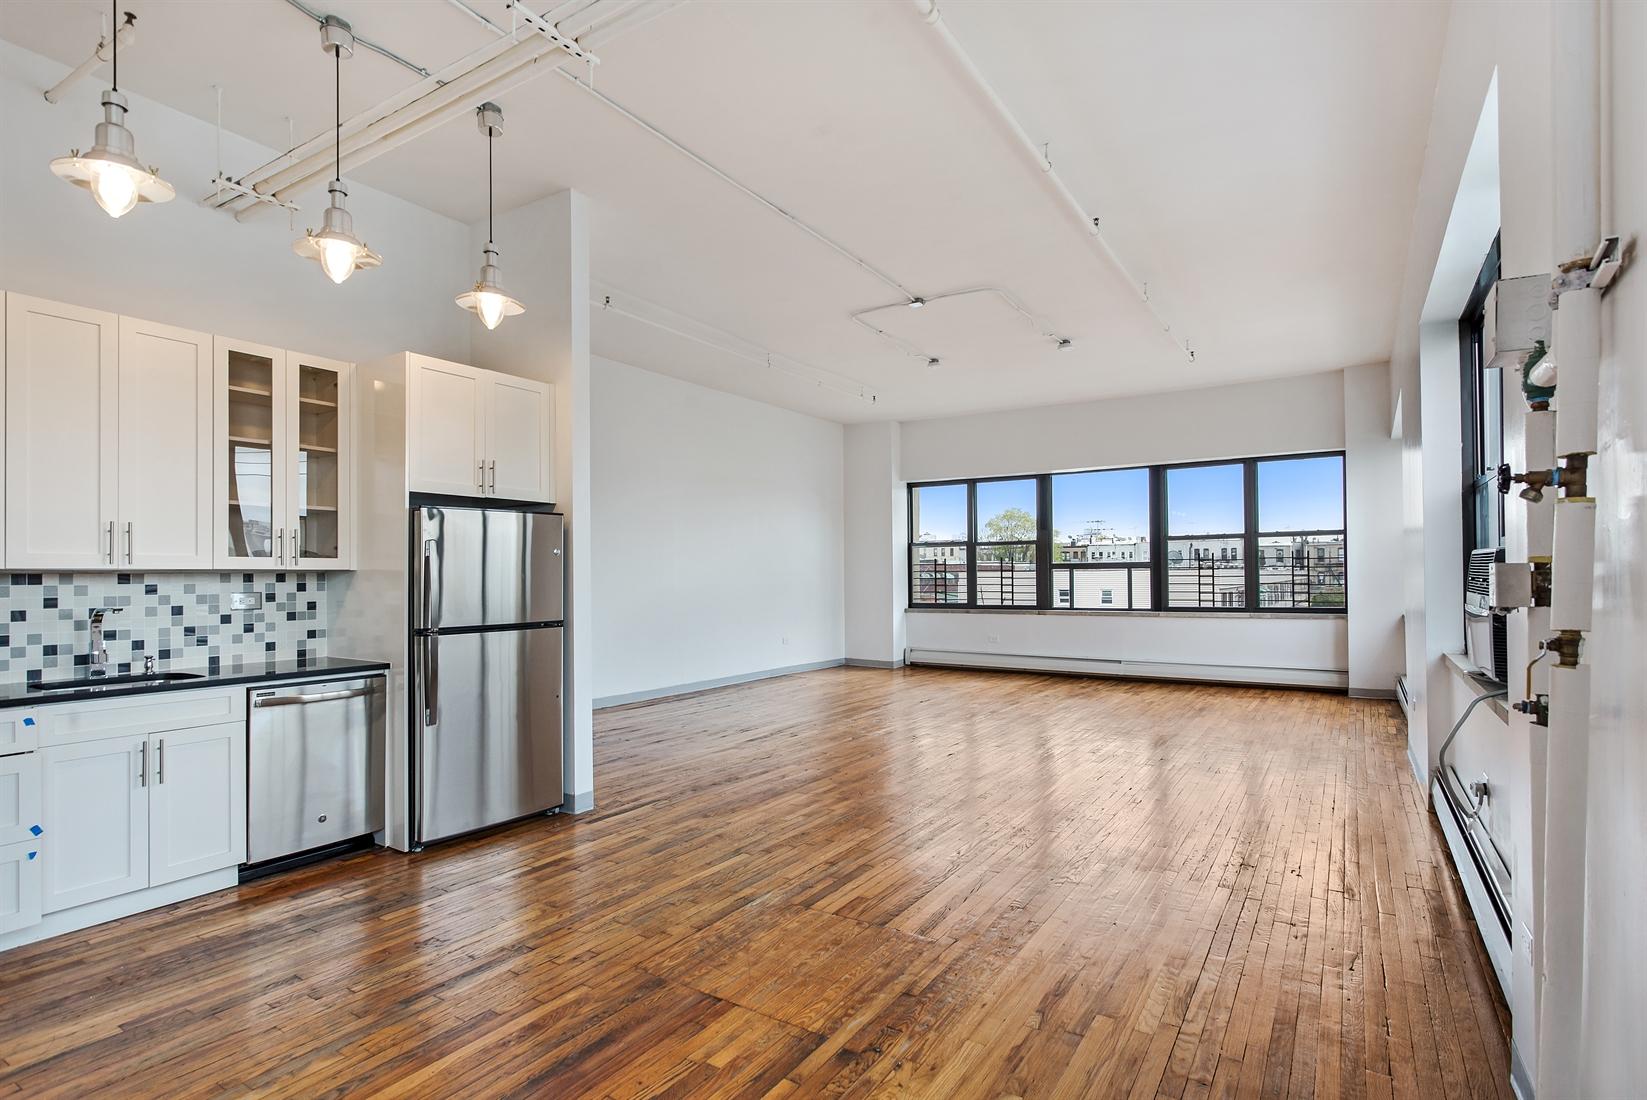 Corcoran, 70 Wyckoff Avenue, Apt. 2J, Bushwick Rentals, Brooklyn ...